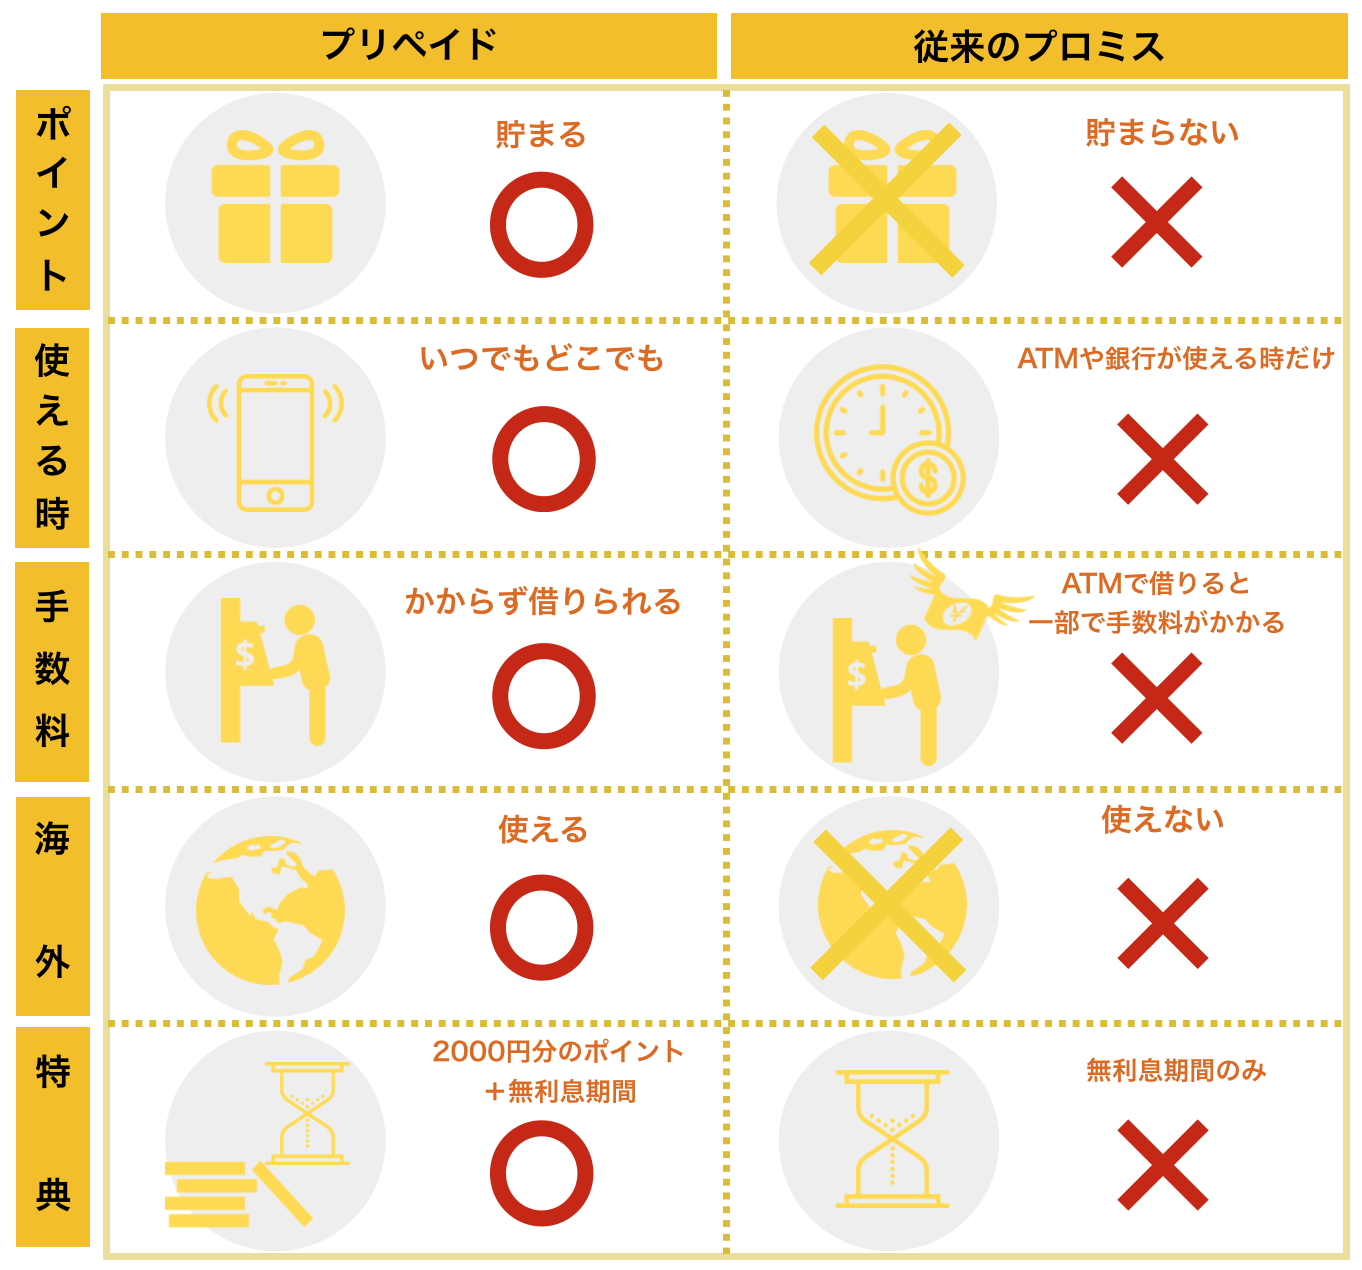 プロミス×三井住友VISAプリペイドと従来のプロミス